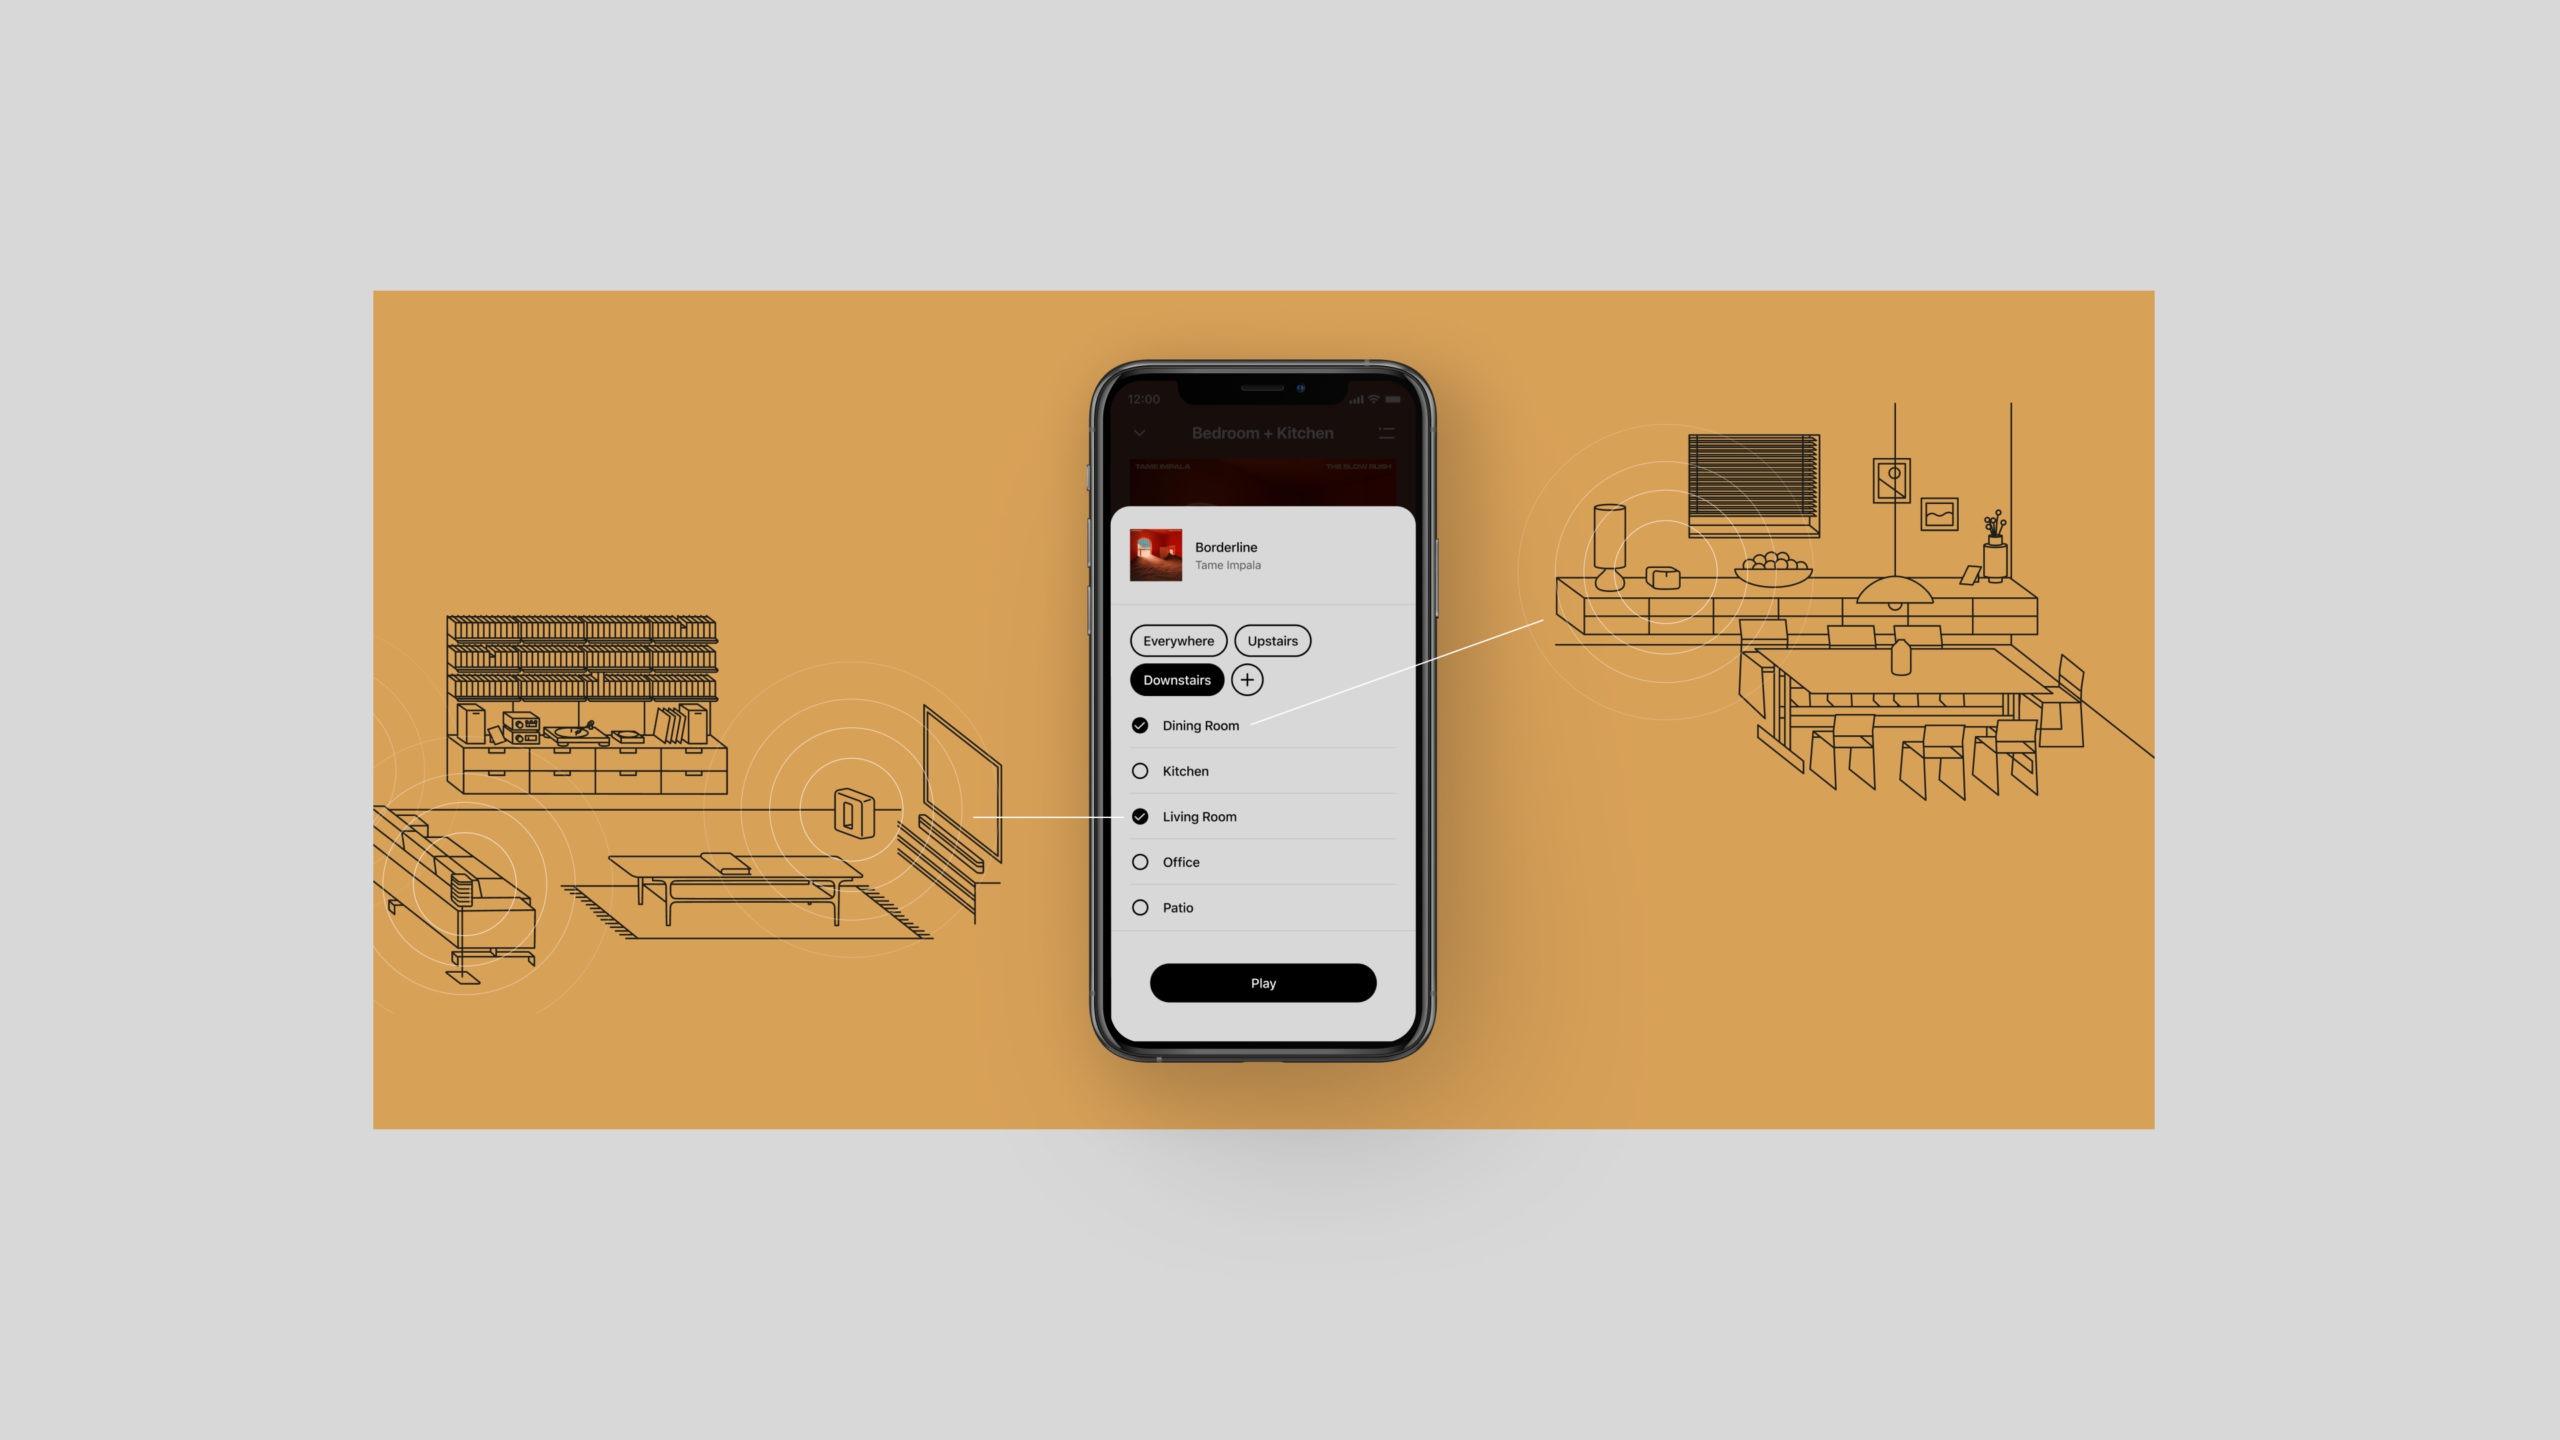 Mit dem Launch des Sonos Arc dürfte dann auch die neue Version der Sonos-App an den Start gehen, die es unter anderem ermöglicht, Raumgruppierungen zu speichern und leicht wieder abzurufen